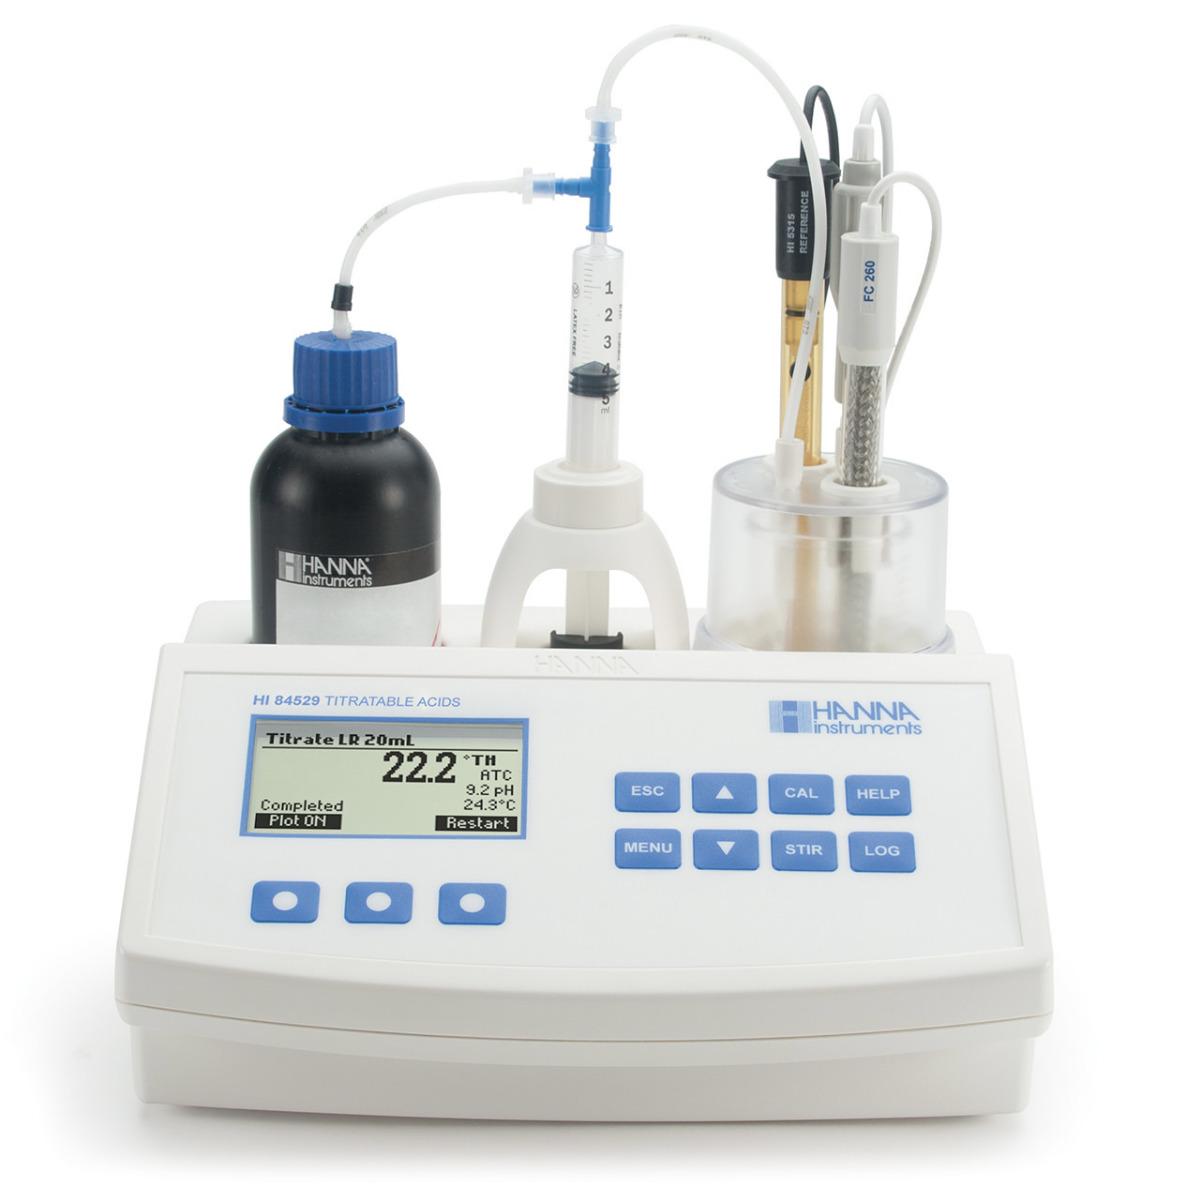 HI84529 - Minititolatore per l'analisi dell'acidità totale nei prodotti caseari